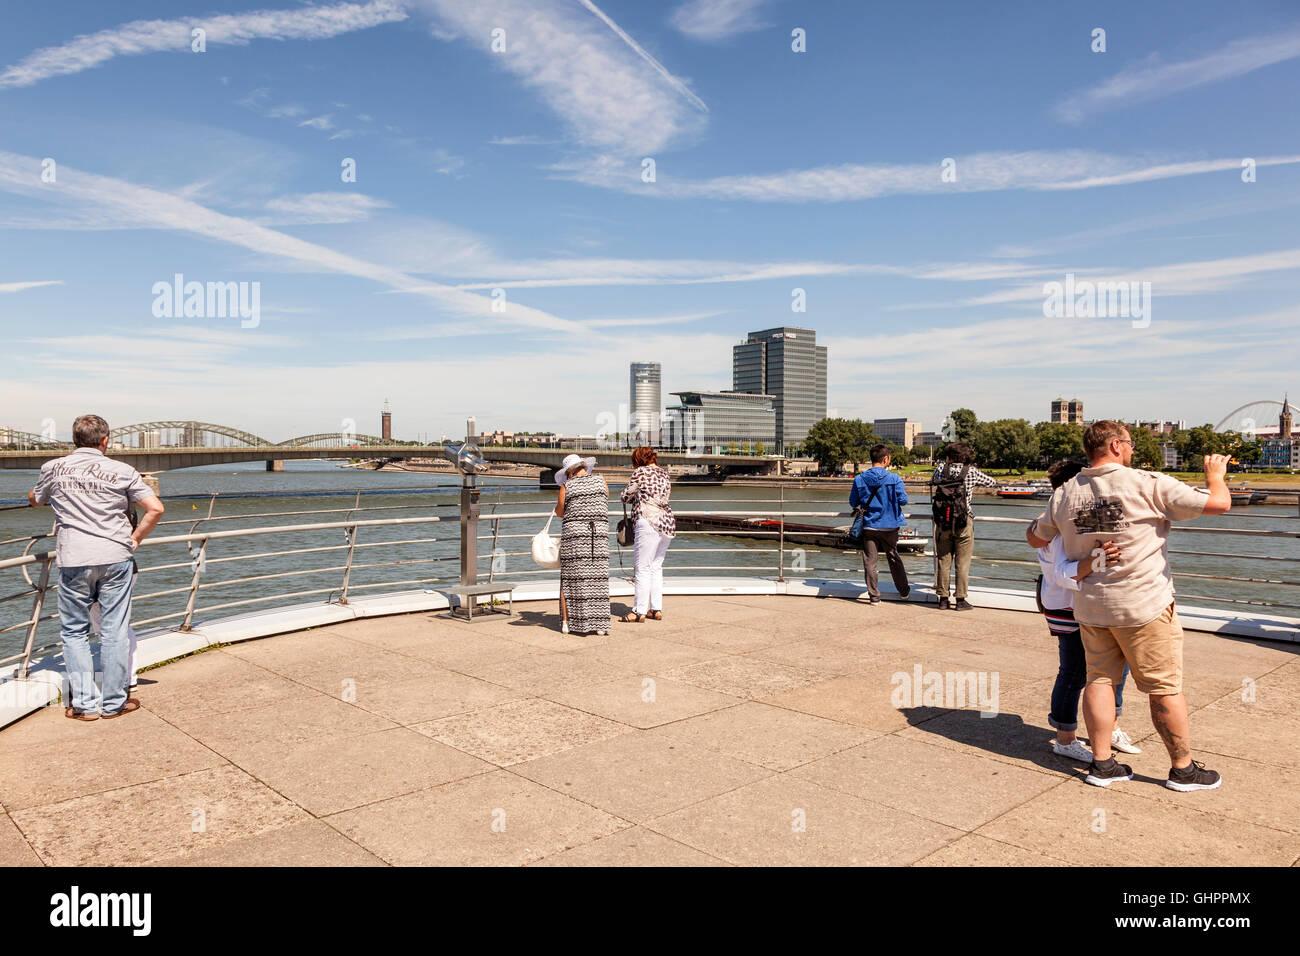 Los turistas en el paseo del río Rin, con una bonita vista de la ciudad de Colonia, Alemania Imagen De Stock